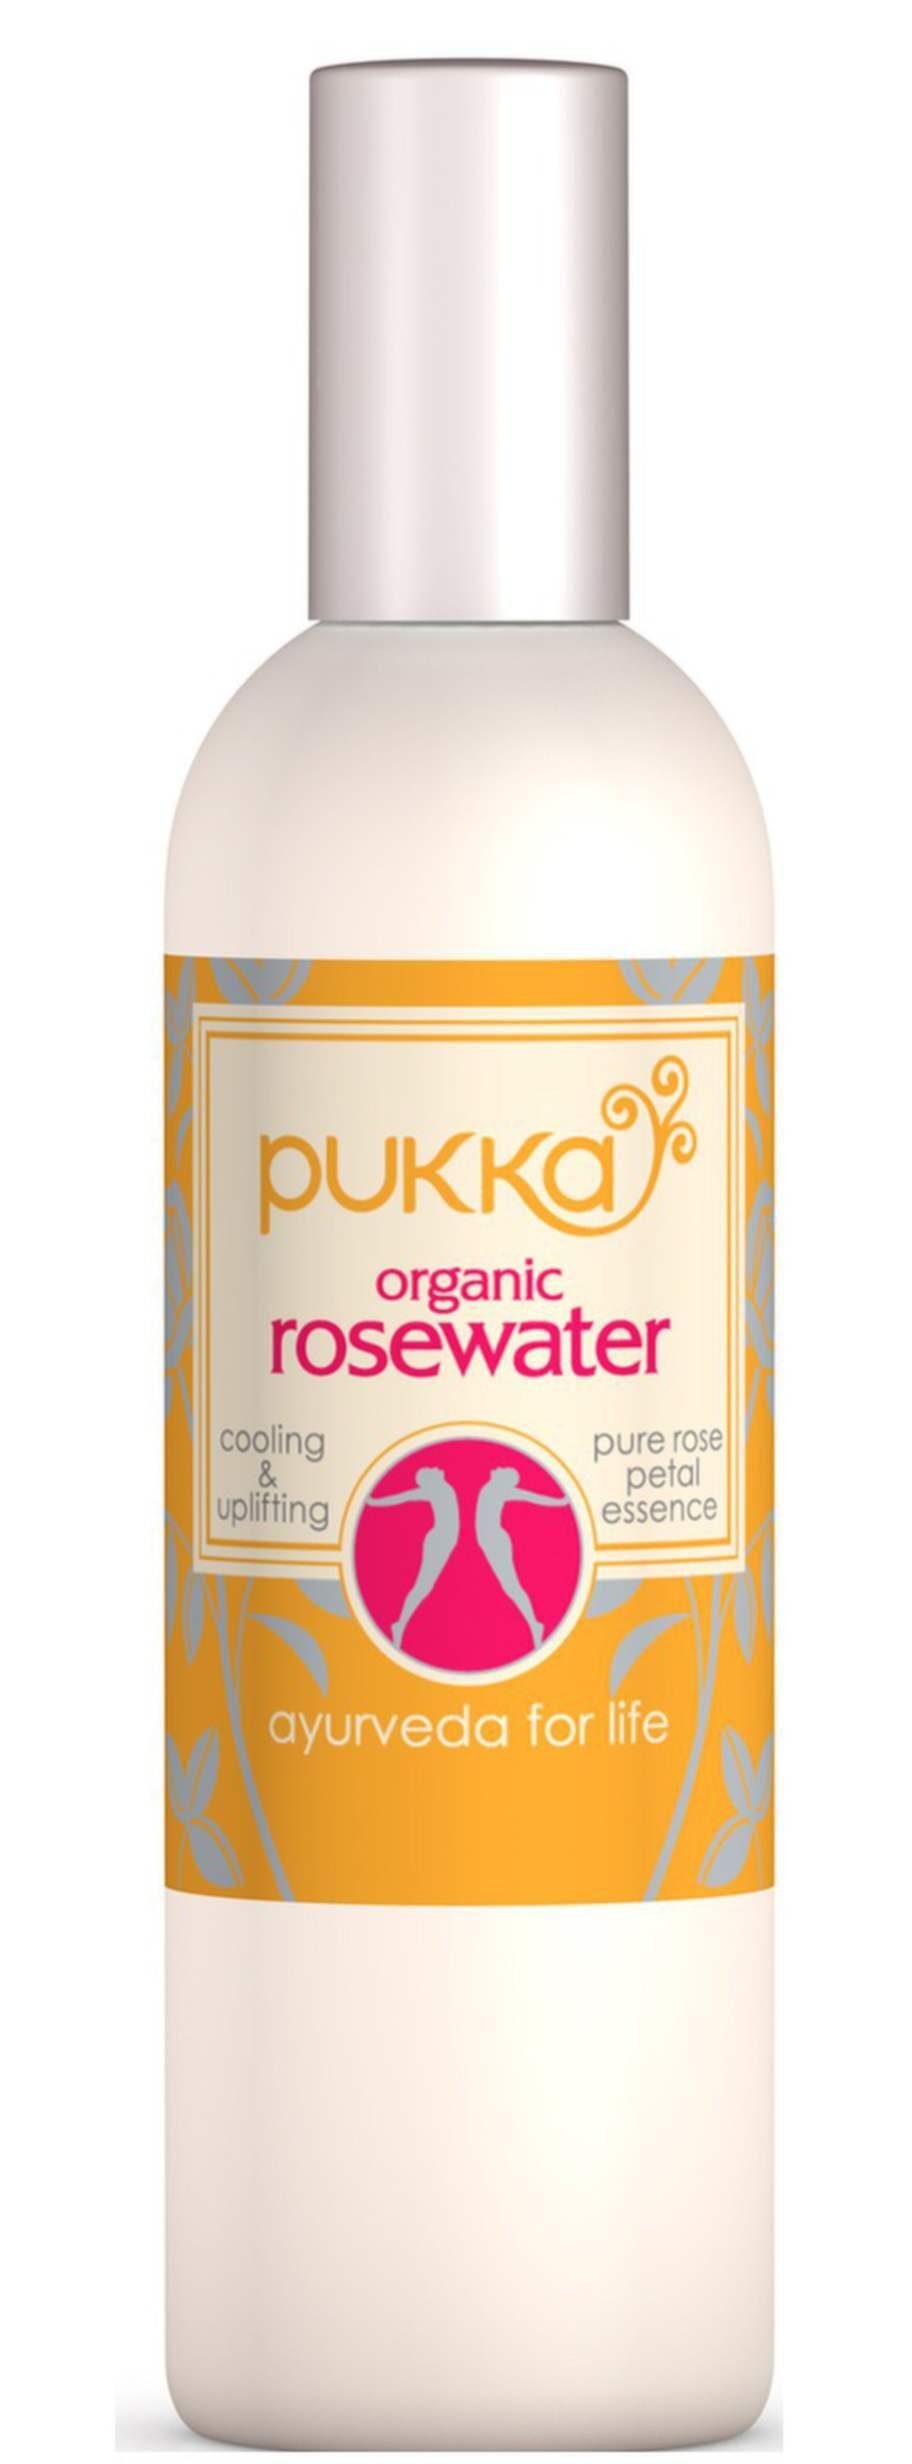 Mer rosor!<br>Destillerat vatten från rosor är underbart att spreja i ansiktet. Huden blir genast uppfriskad. Funkar lika bra i ansiktet, på kroppen som i håret! Pukka, Rose water, 100 ml, 125 kronor på bodystore.se